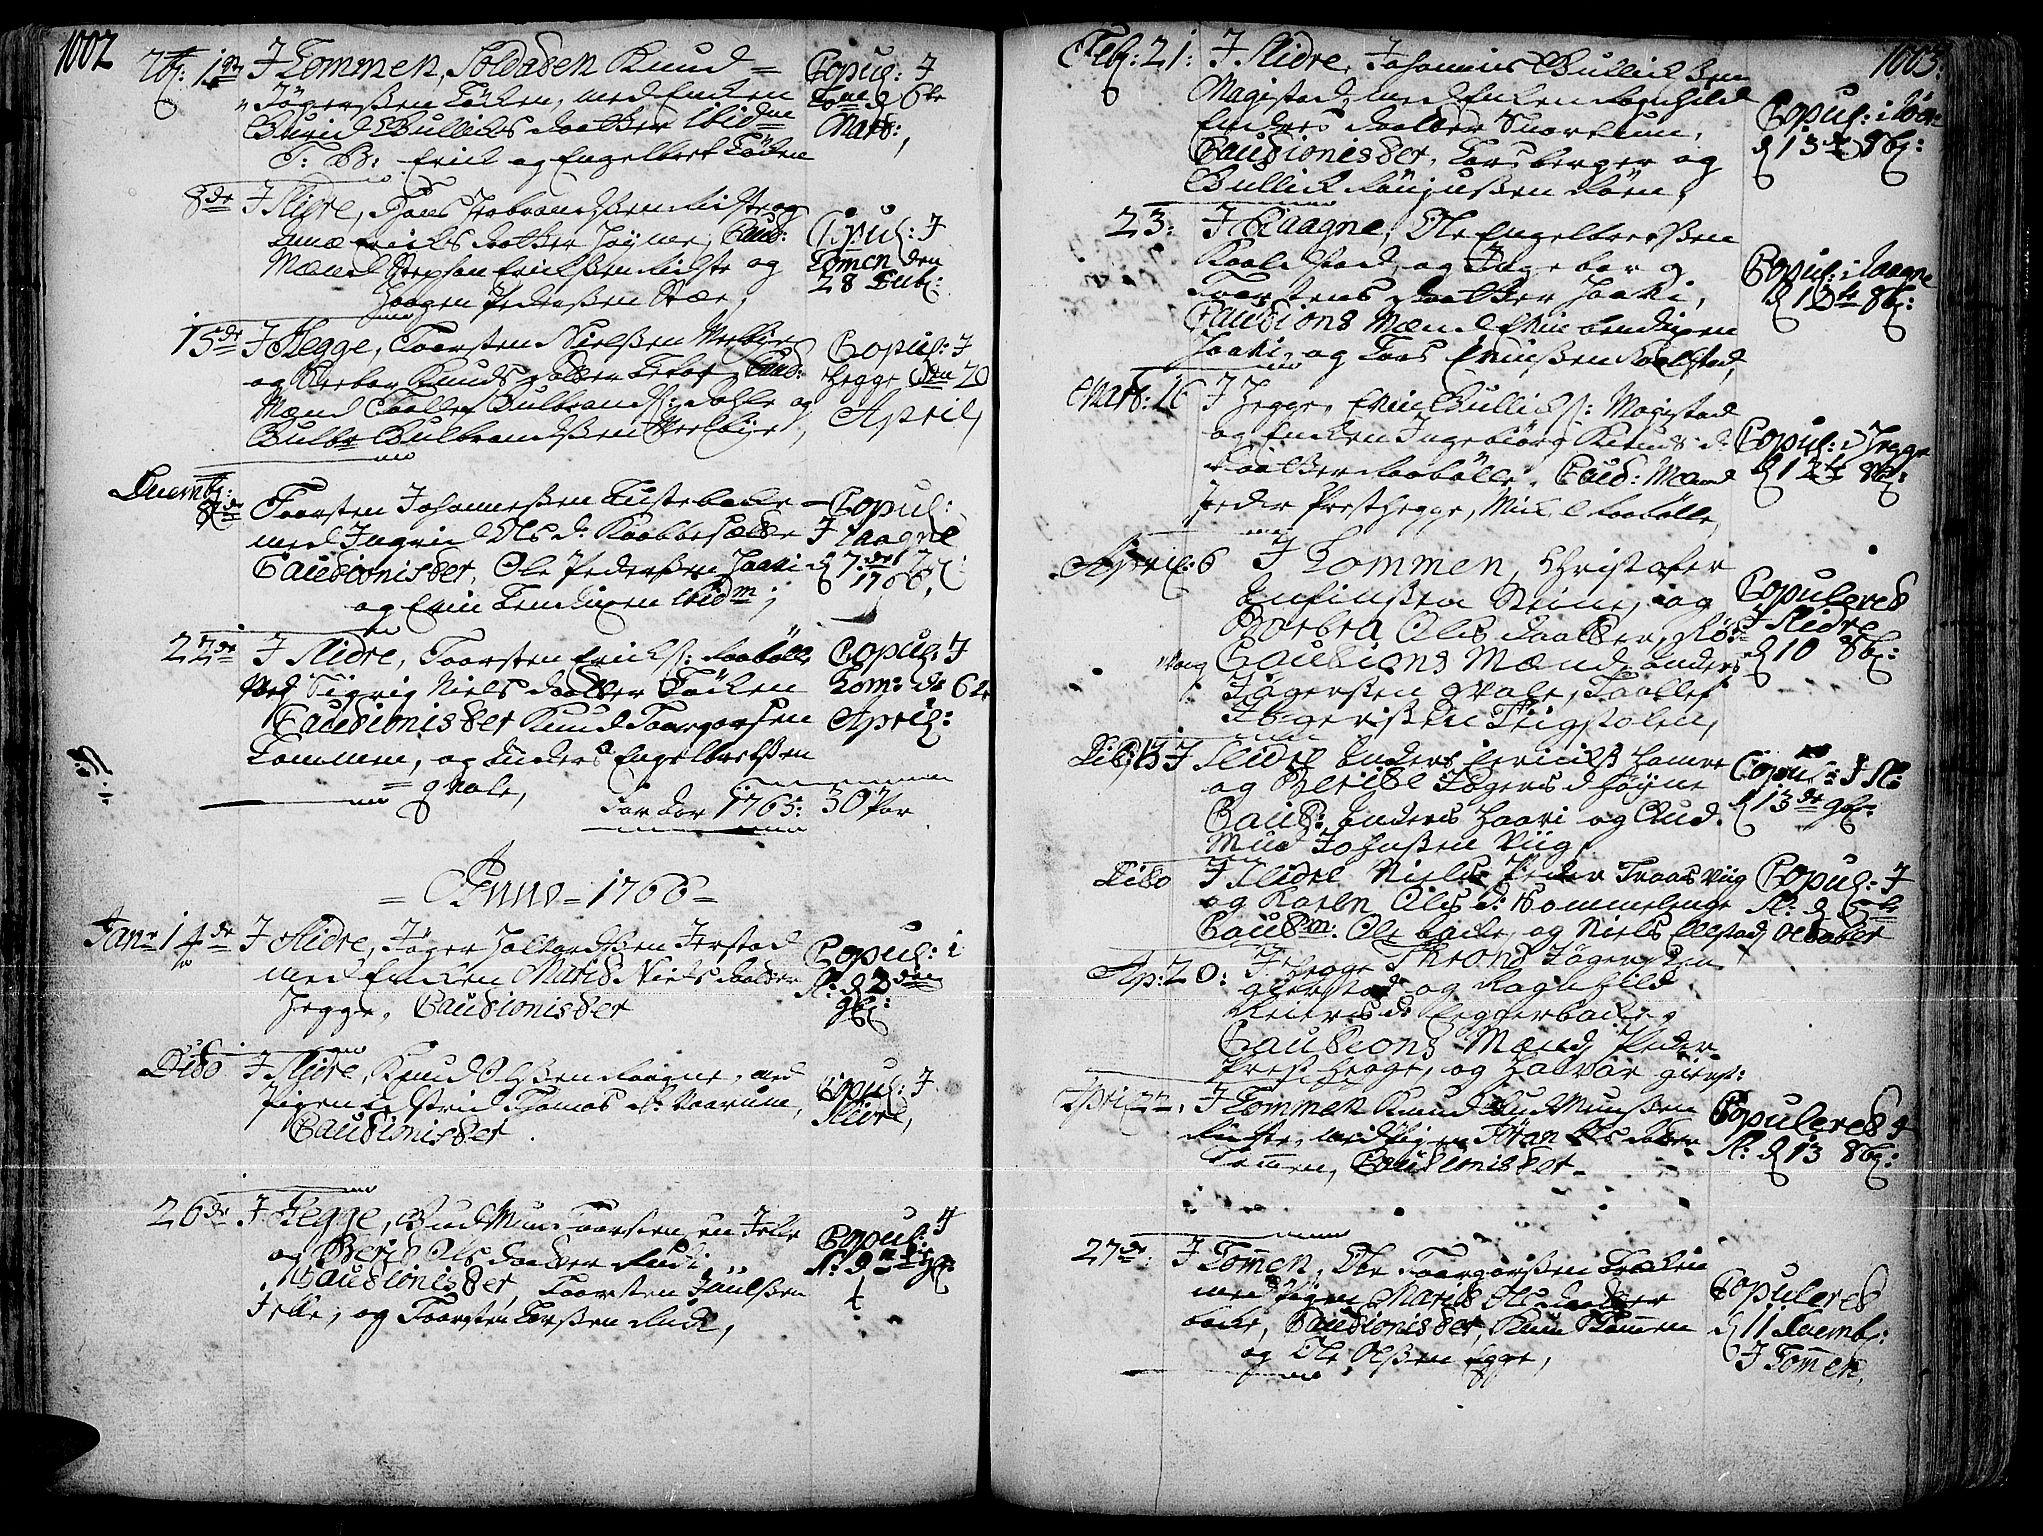 SAH, Slidre prestekontor, Ministerialbok nr. 1, 1724-1814, s. 1002-1003